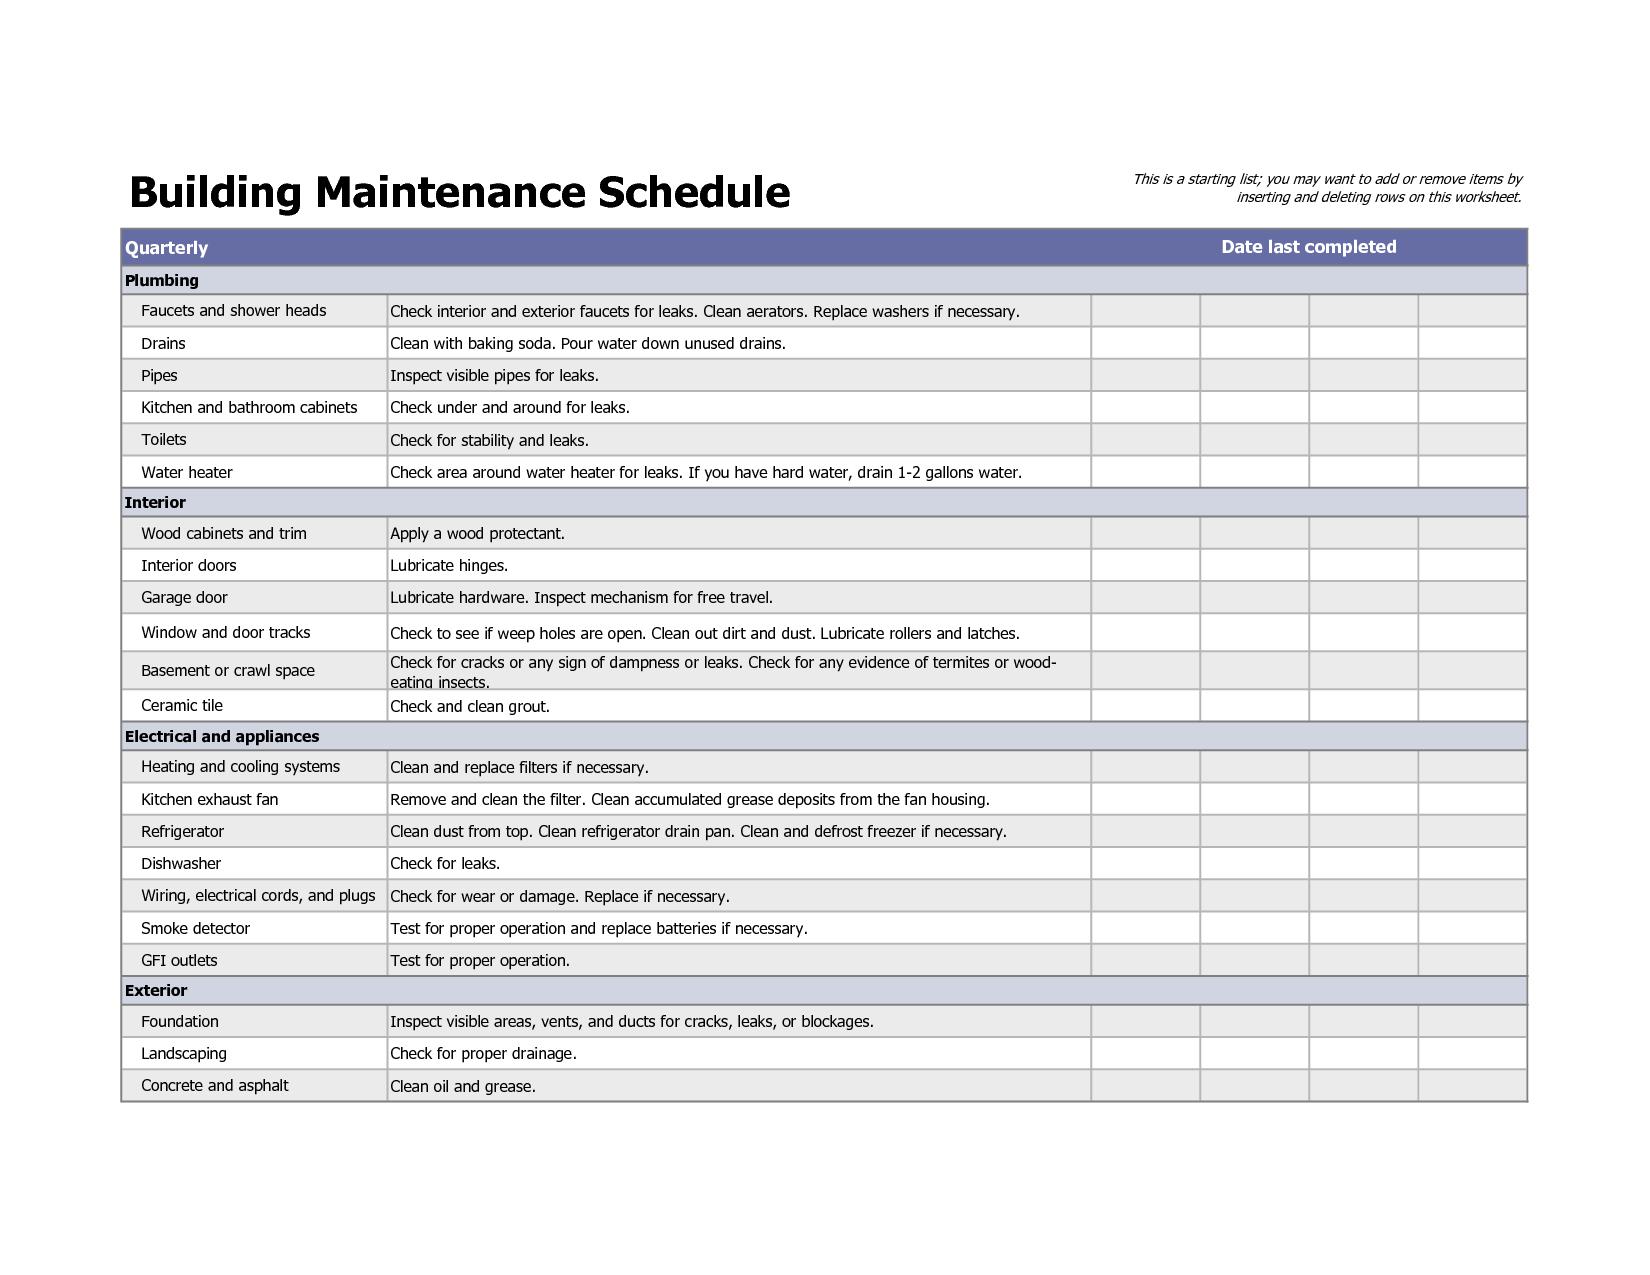 Building Maintenance Schedule Excel Template | maintenence